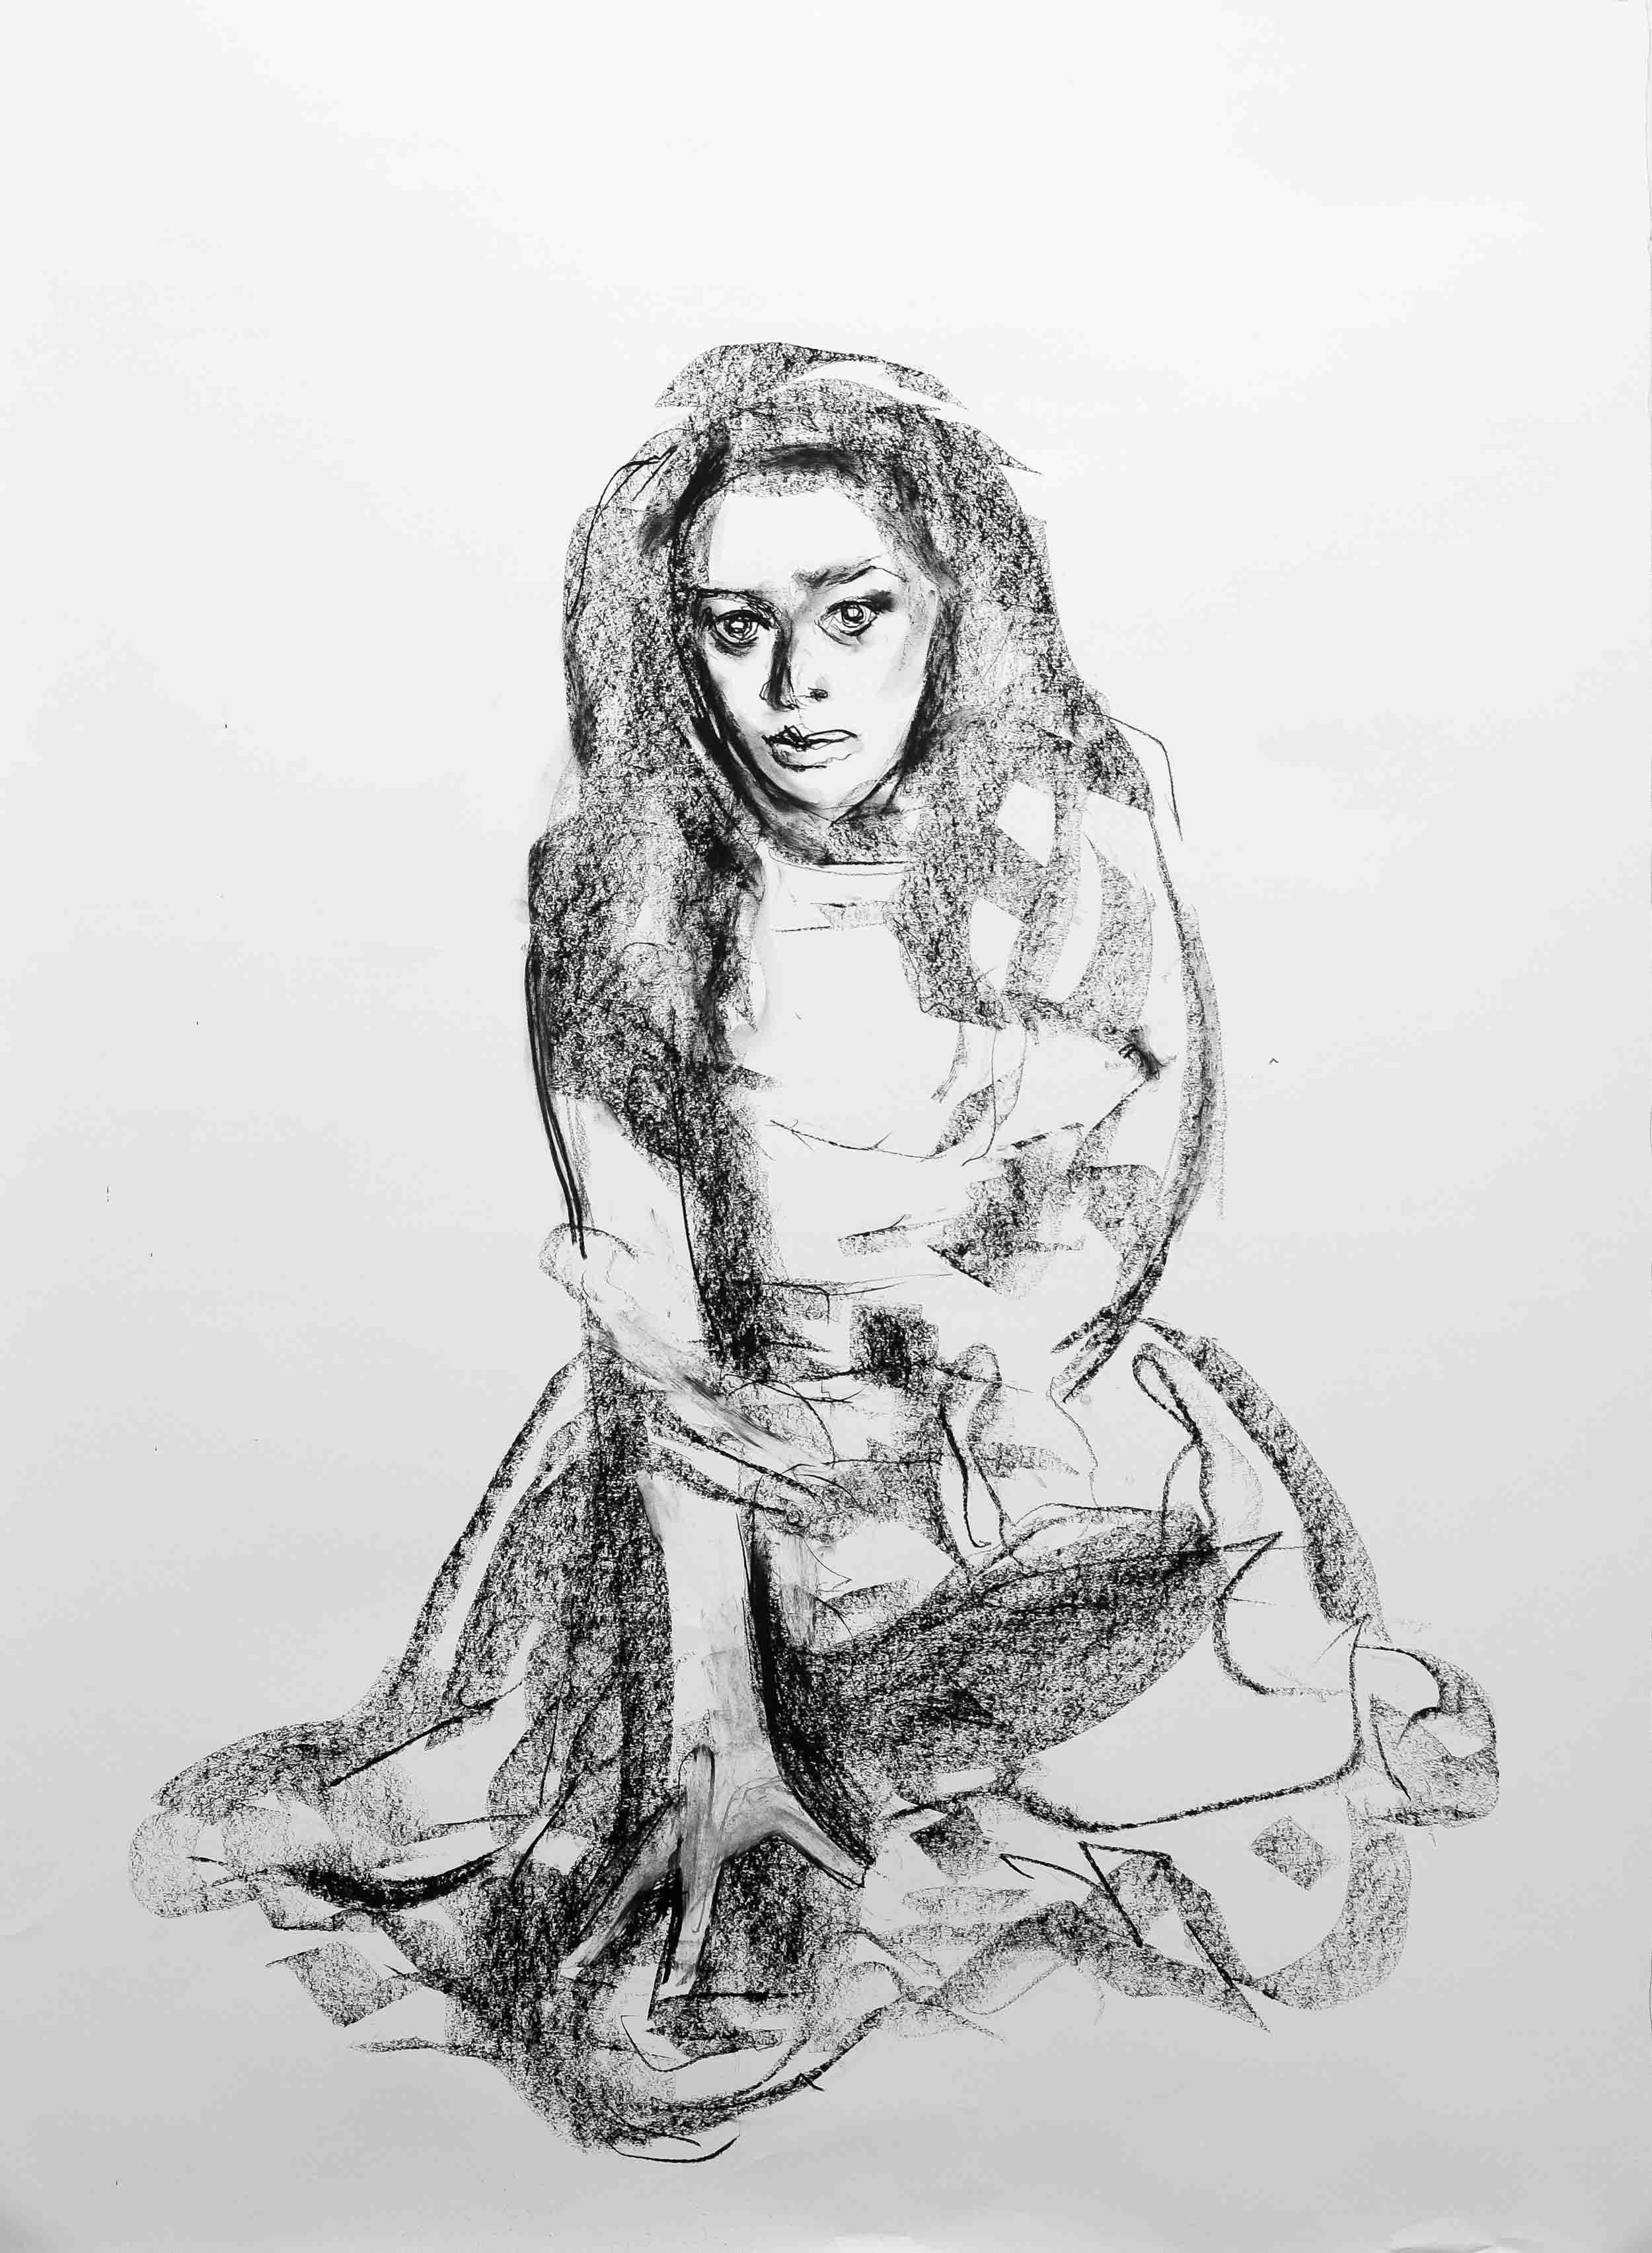 Study for Lady Macbeth (2015)